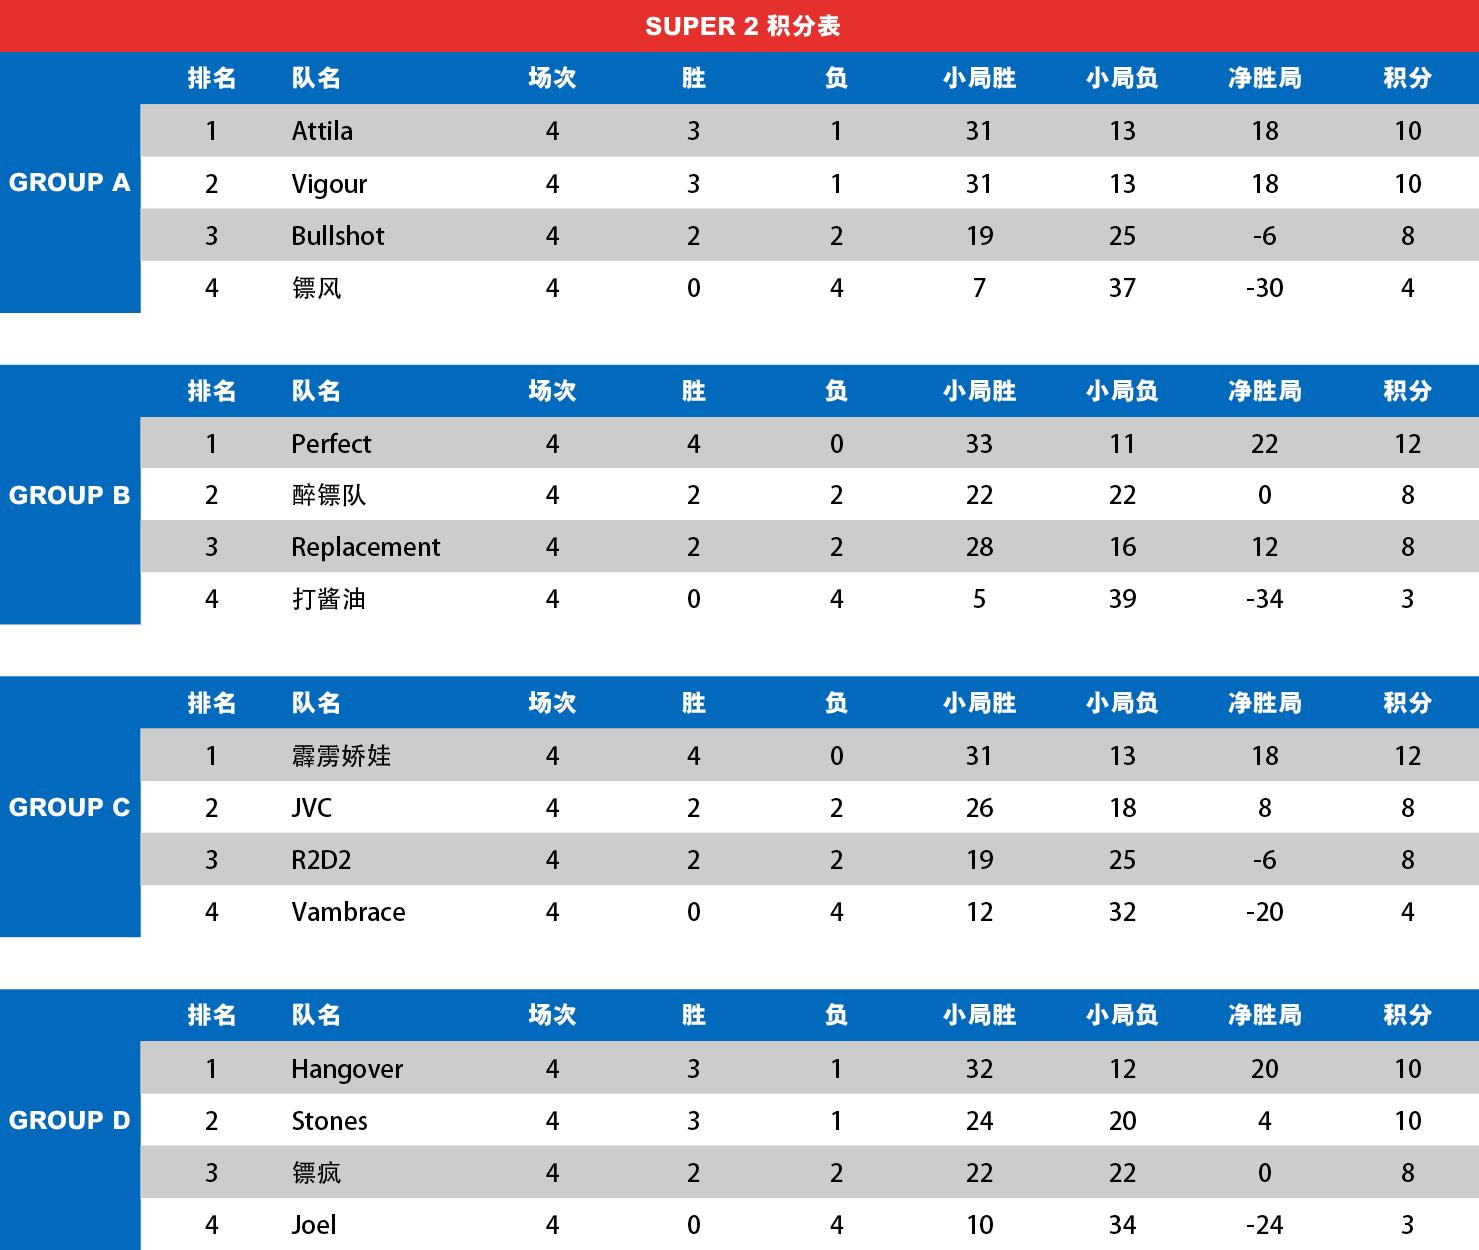 super2_table_week3.jpg